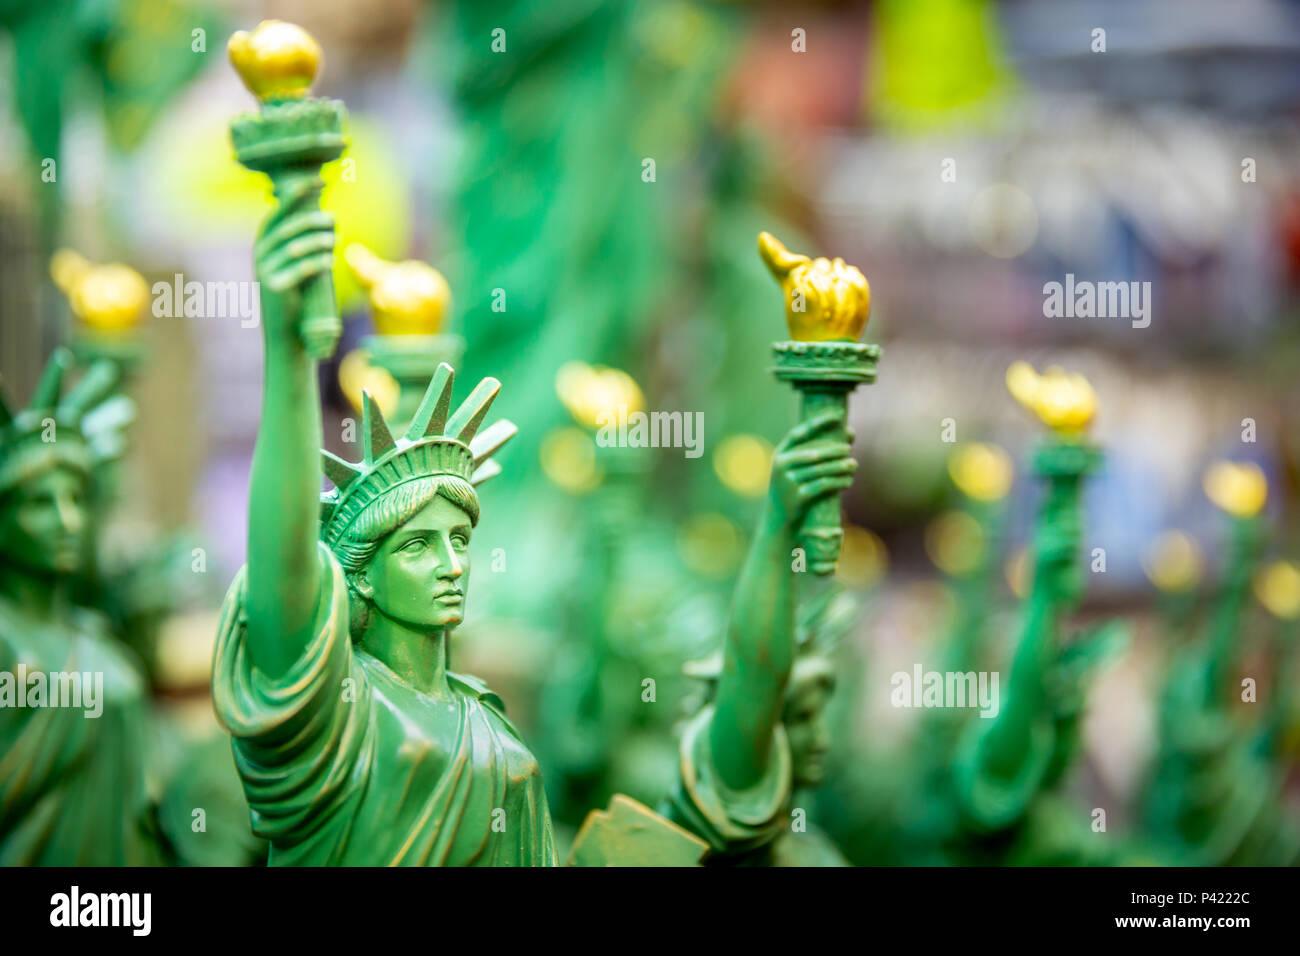 Fila con la estatua de la libertad genérica estatuas (enfoque selectivo) que se venden como recuerdos en una tienda de Nueva York. Imagen De Stock